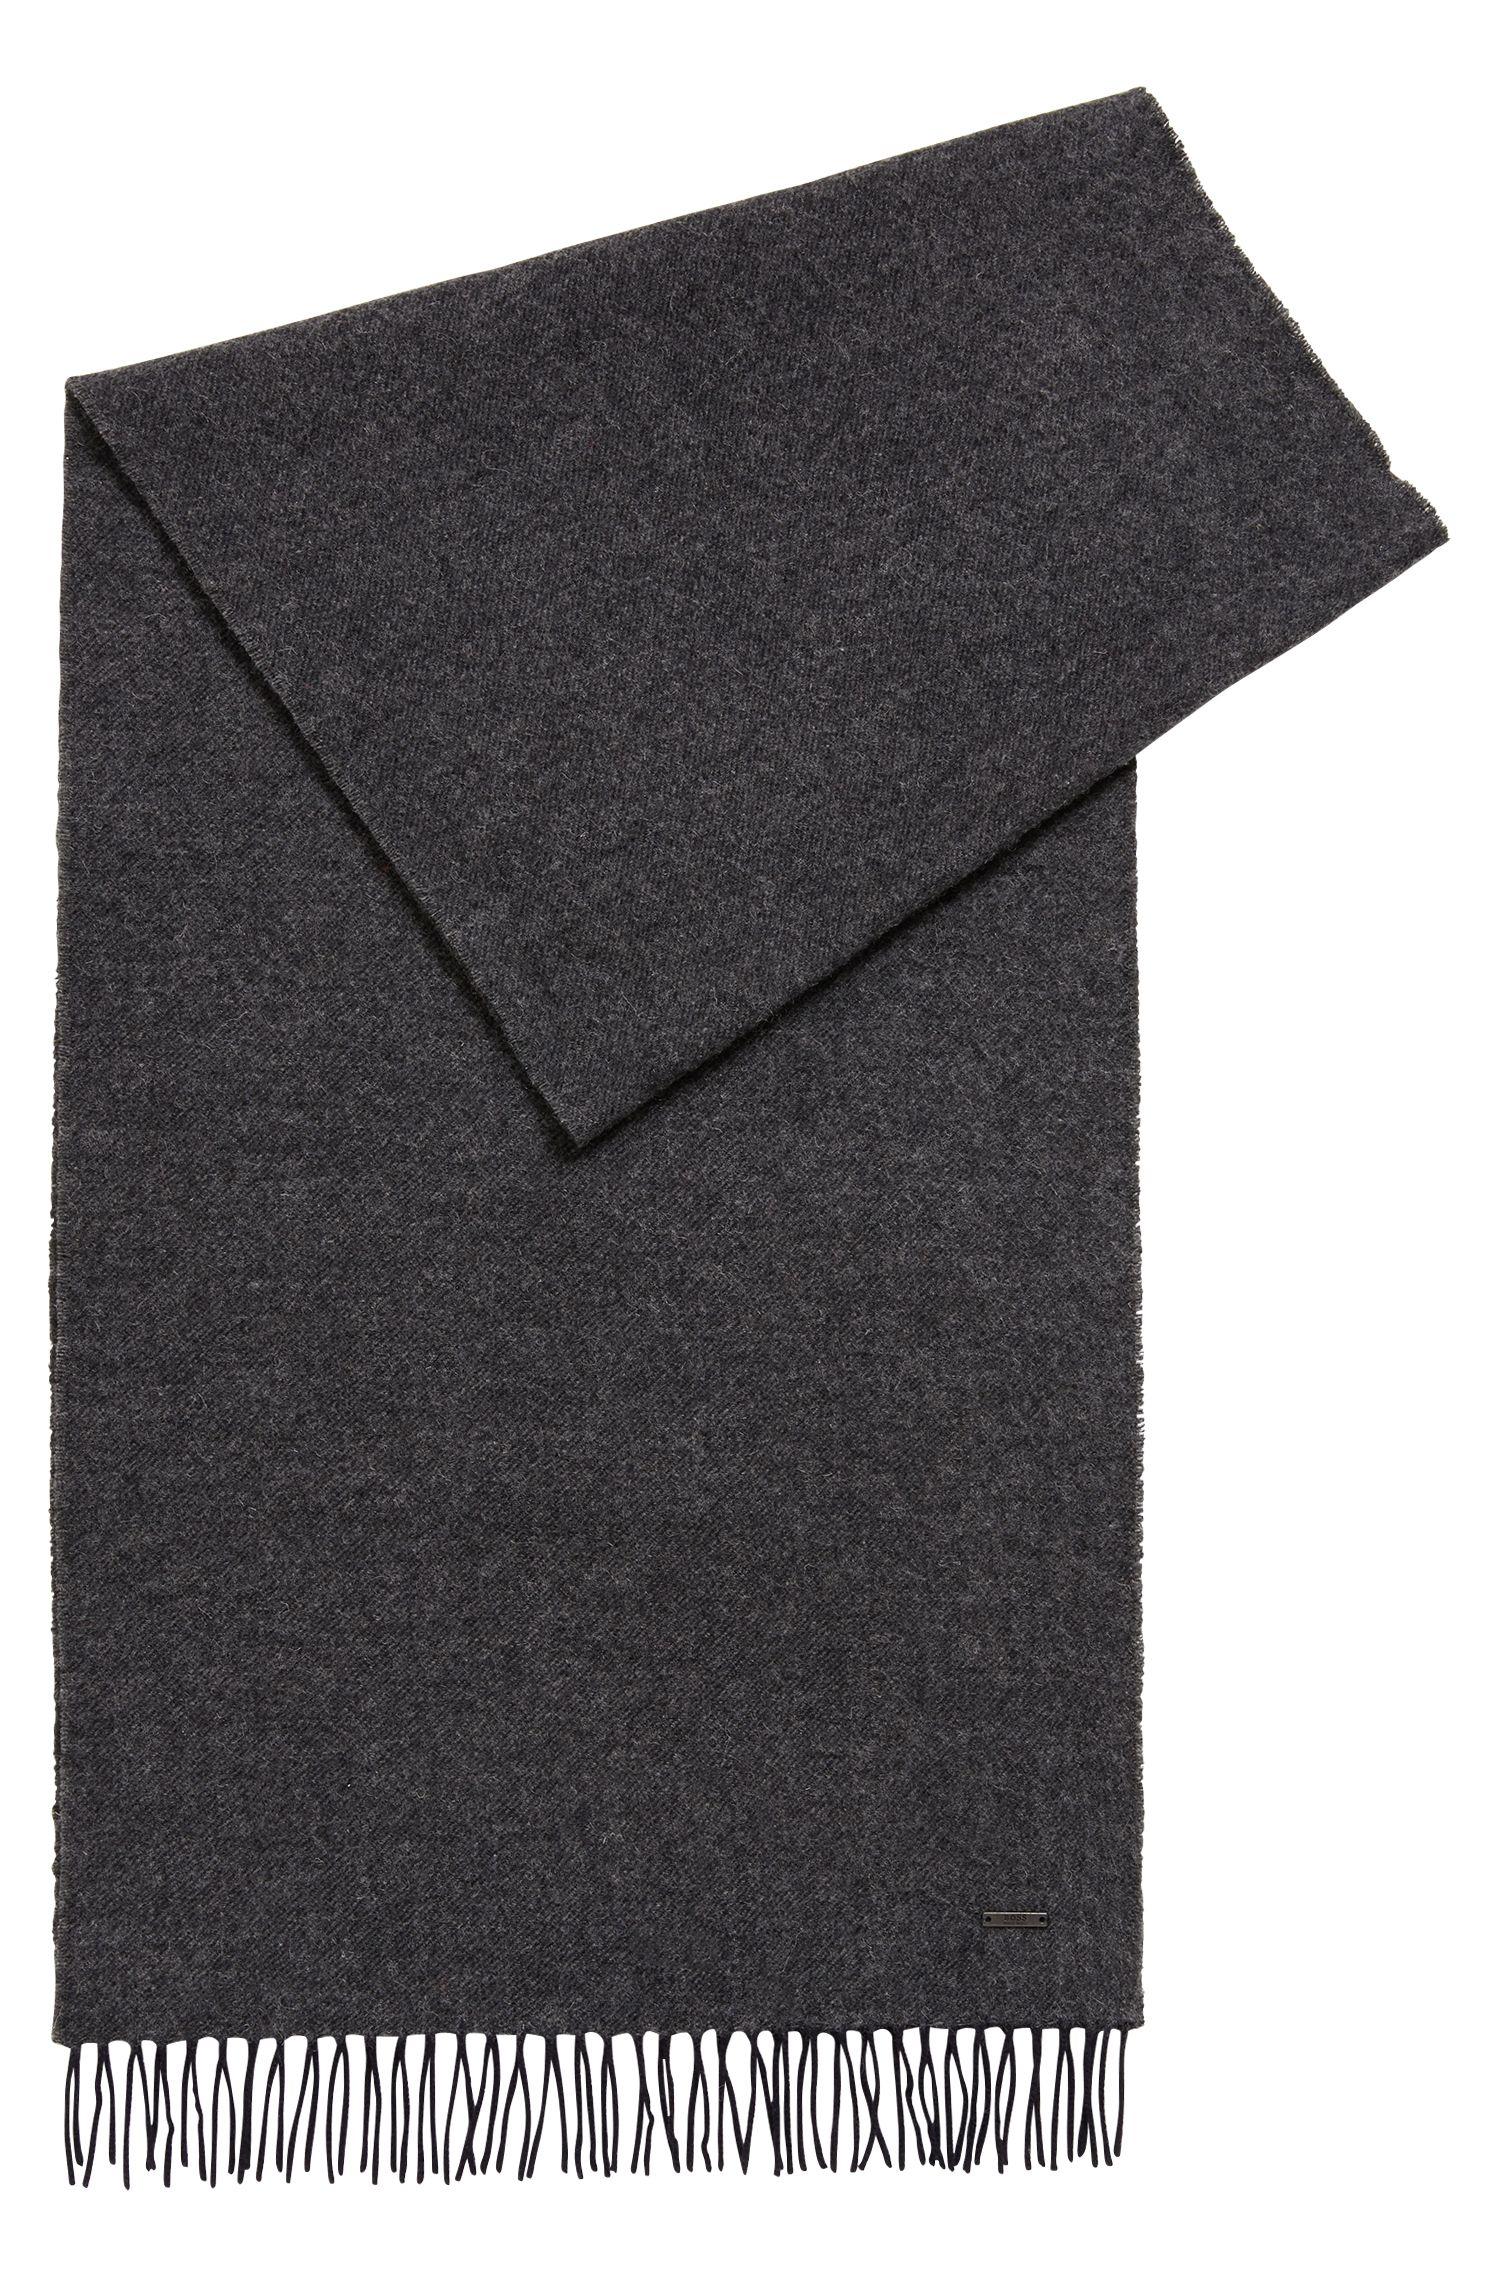 Melange-effect wool scarf, Open Blue